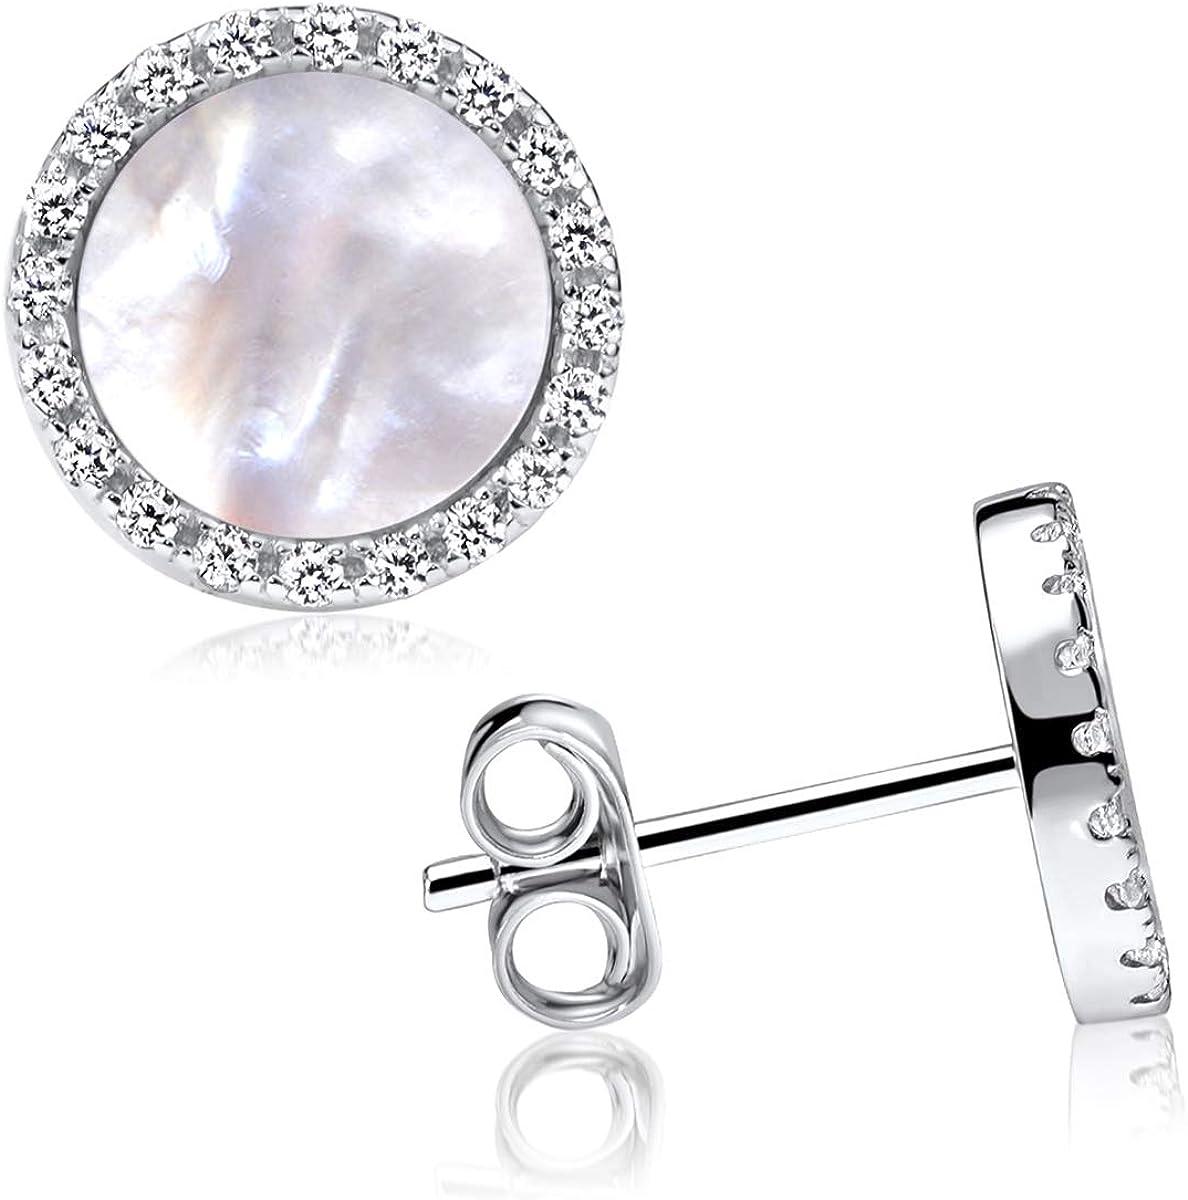 MATERIA - Pendientes de mujer de plata 925 – Pendientes de piedras preciosas con circonita – 5 colores con estuche de regalo